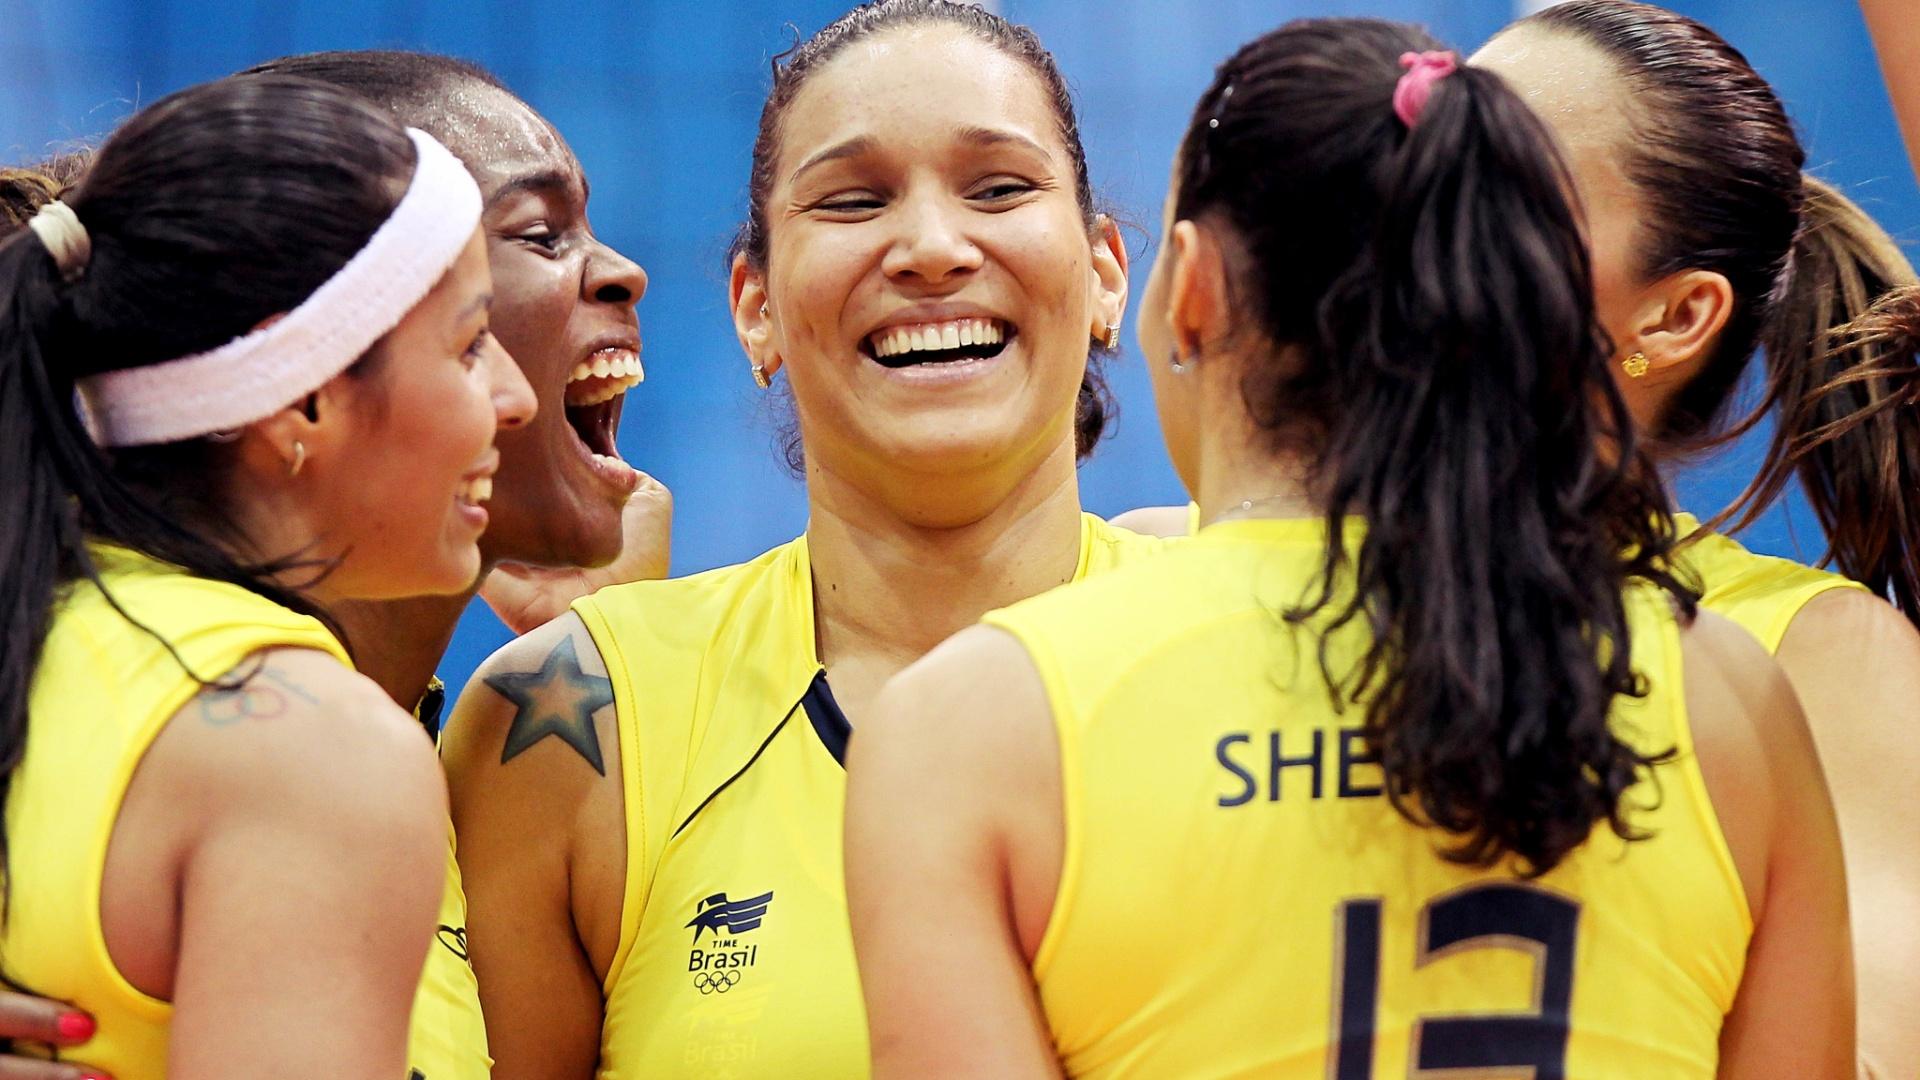 Paula, Fabiana, Tandara, Thaísa e Sheilla comemoram vitória do Brasil por 3 sets a 1 sobre Cuba (17/10/2011)